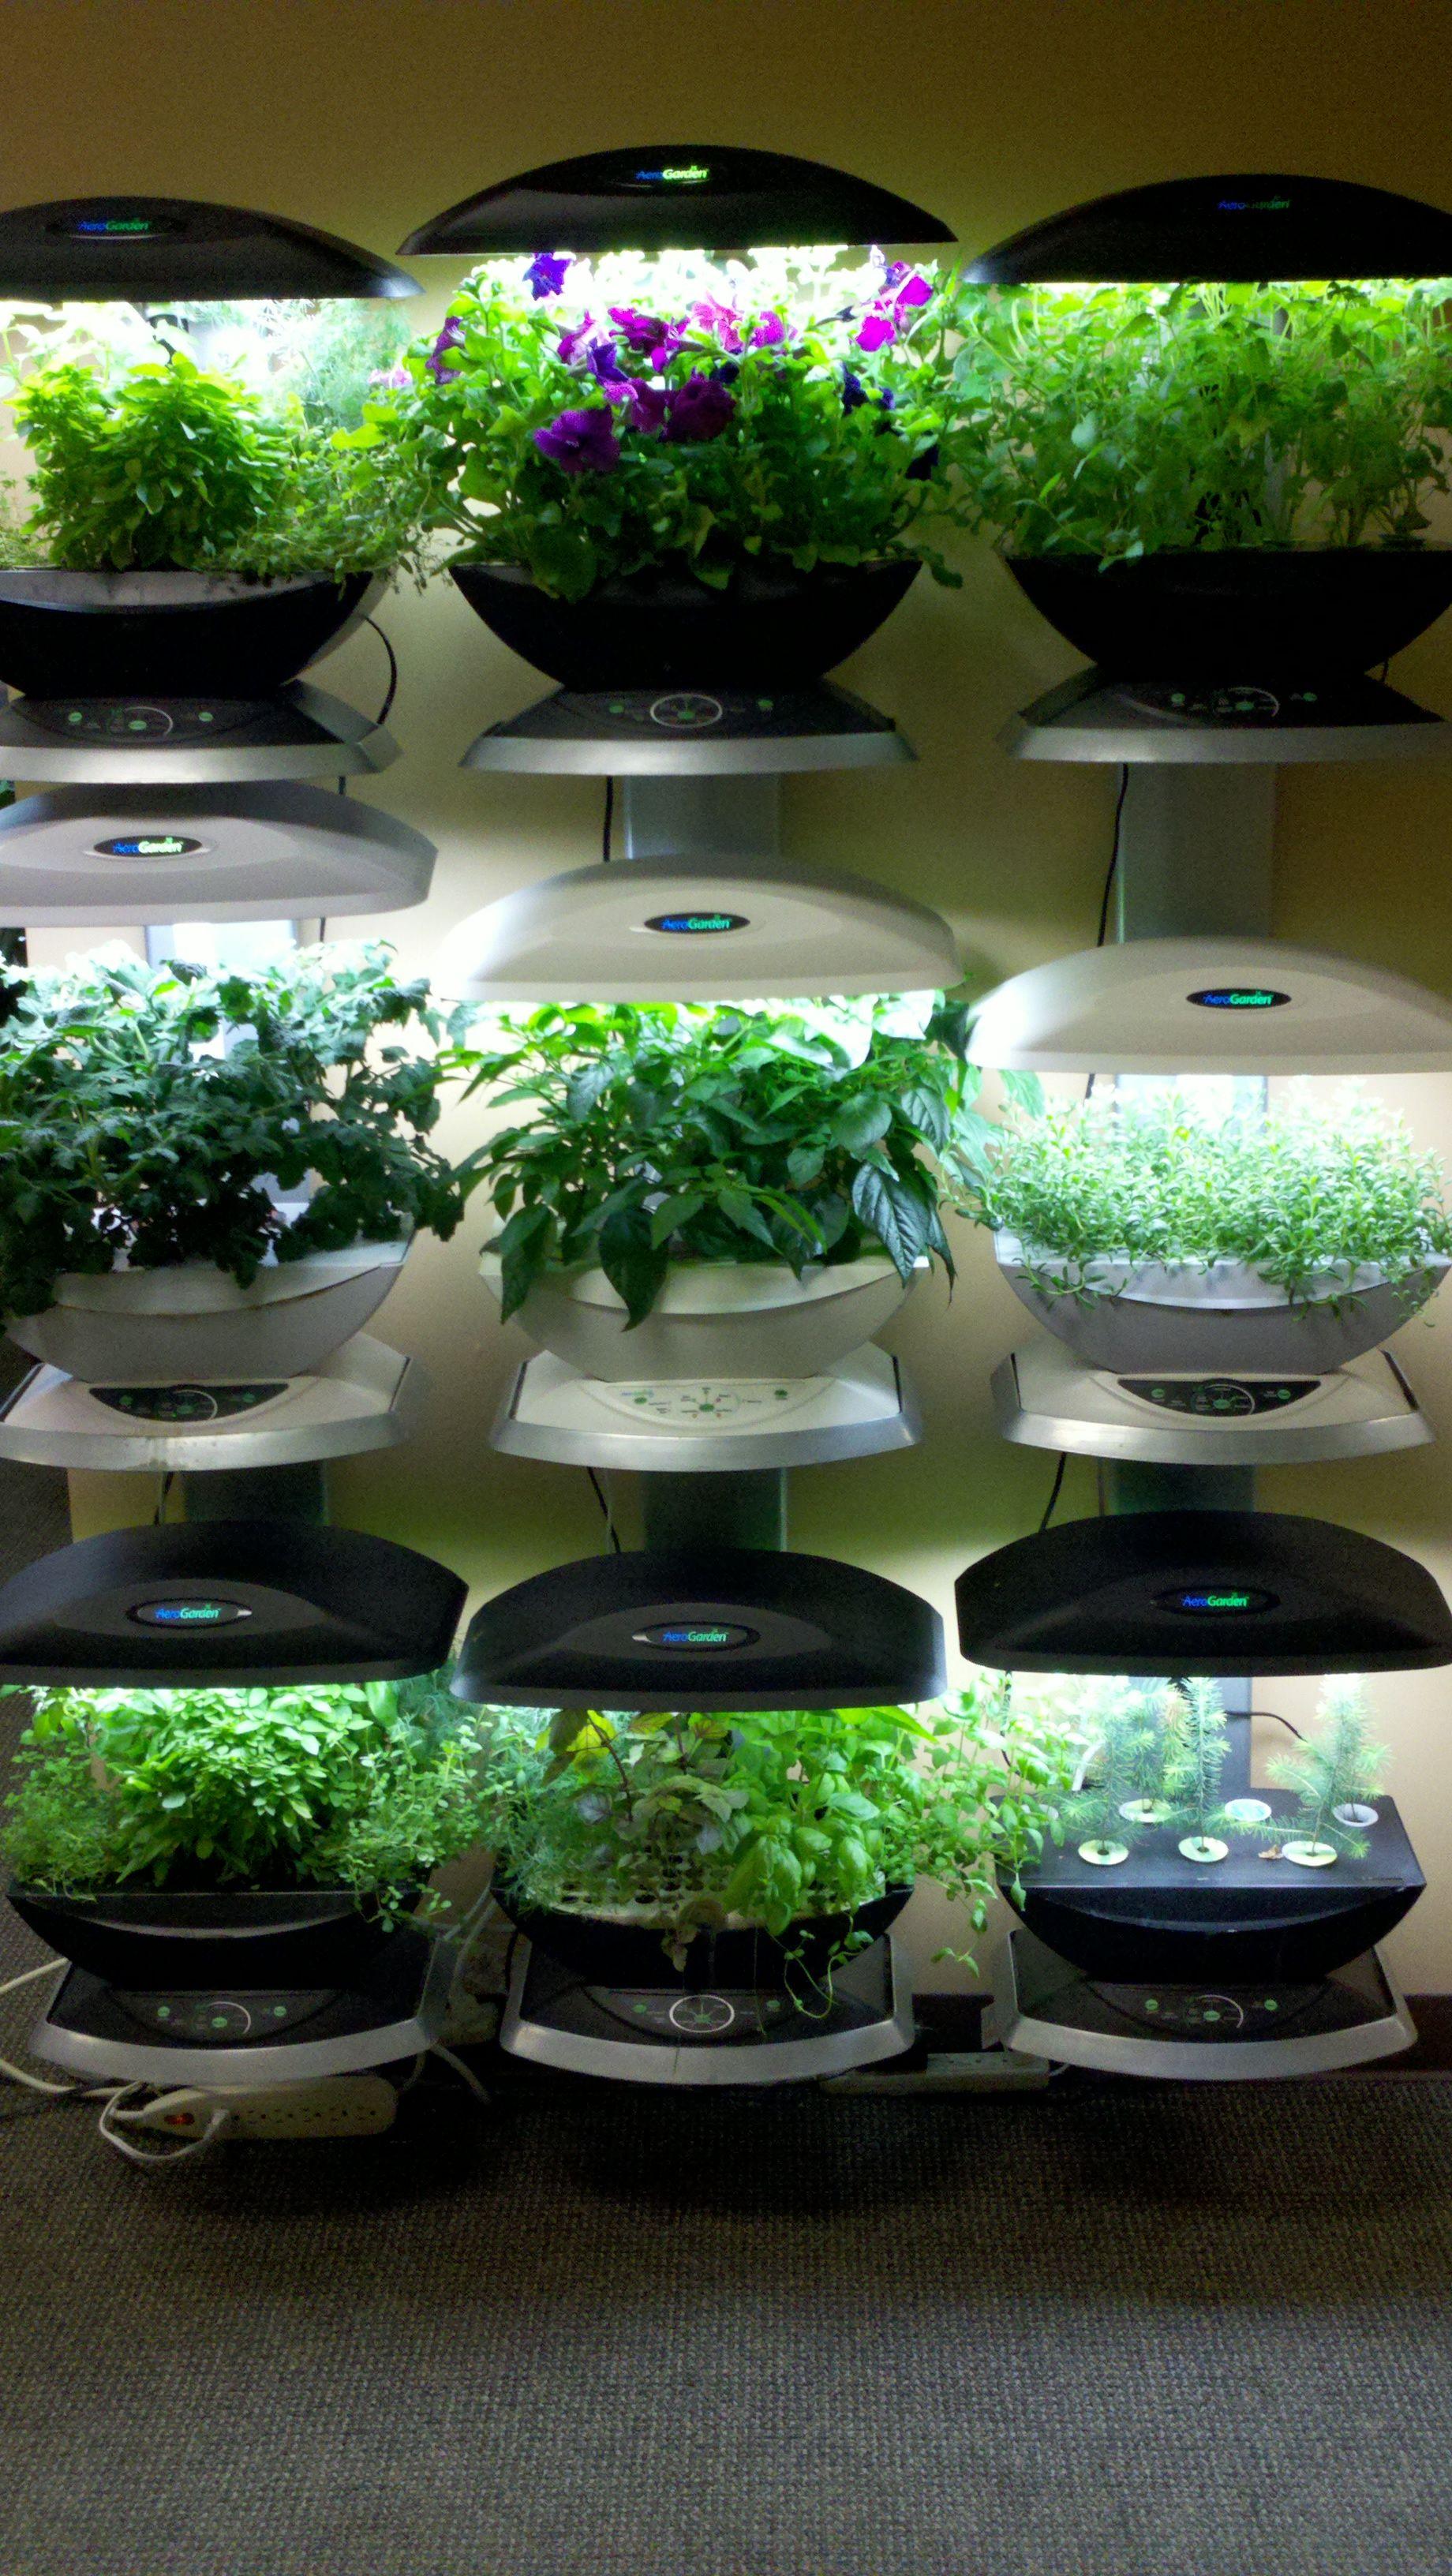 The Incredible Wall Farm Indoor Garden Vertical Garden 400 x 300